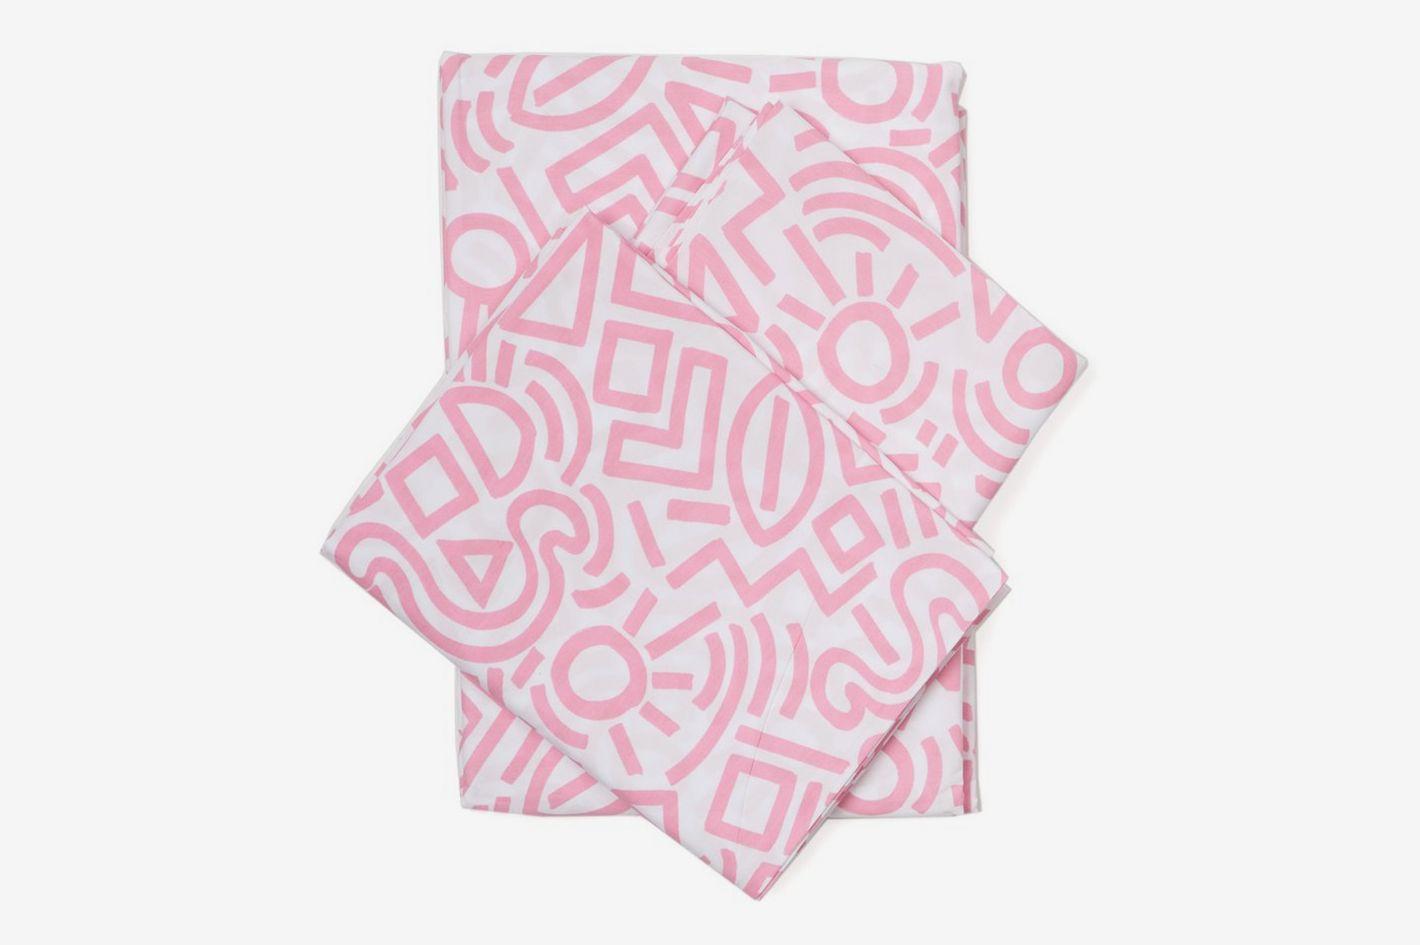 Aelfie Doodle Sheet Set Pink, Full